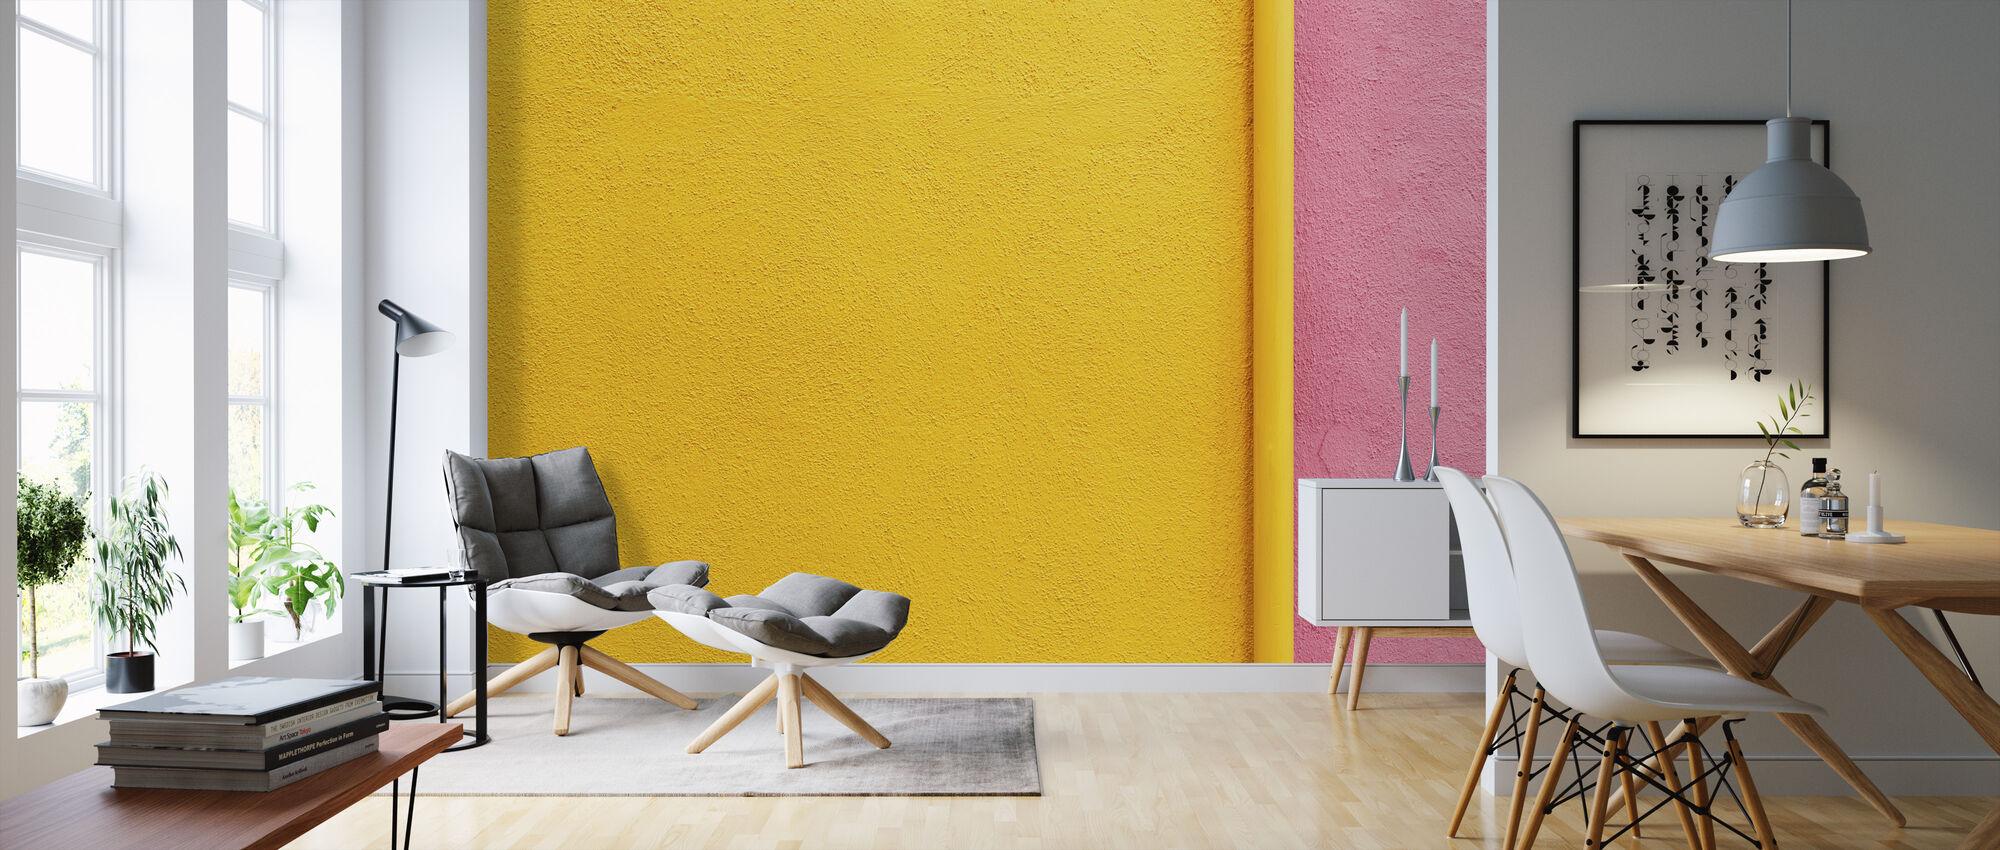 Gelbe und rosa Wand mit Pfeife - Tapete - Wohnzimmer